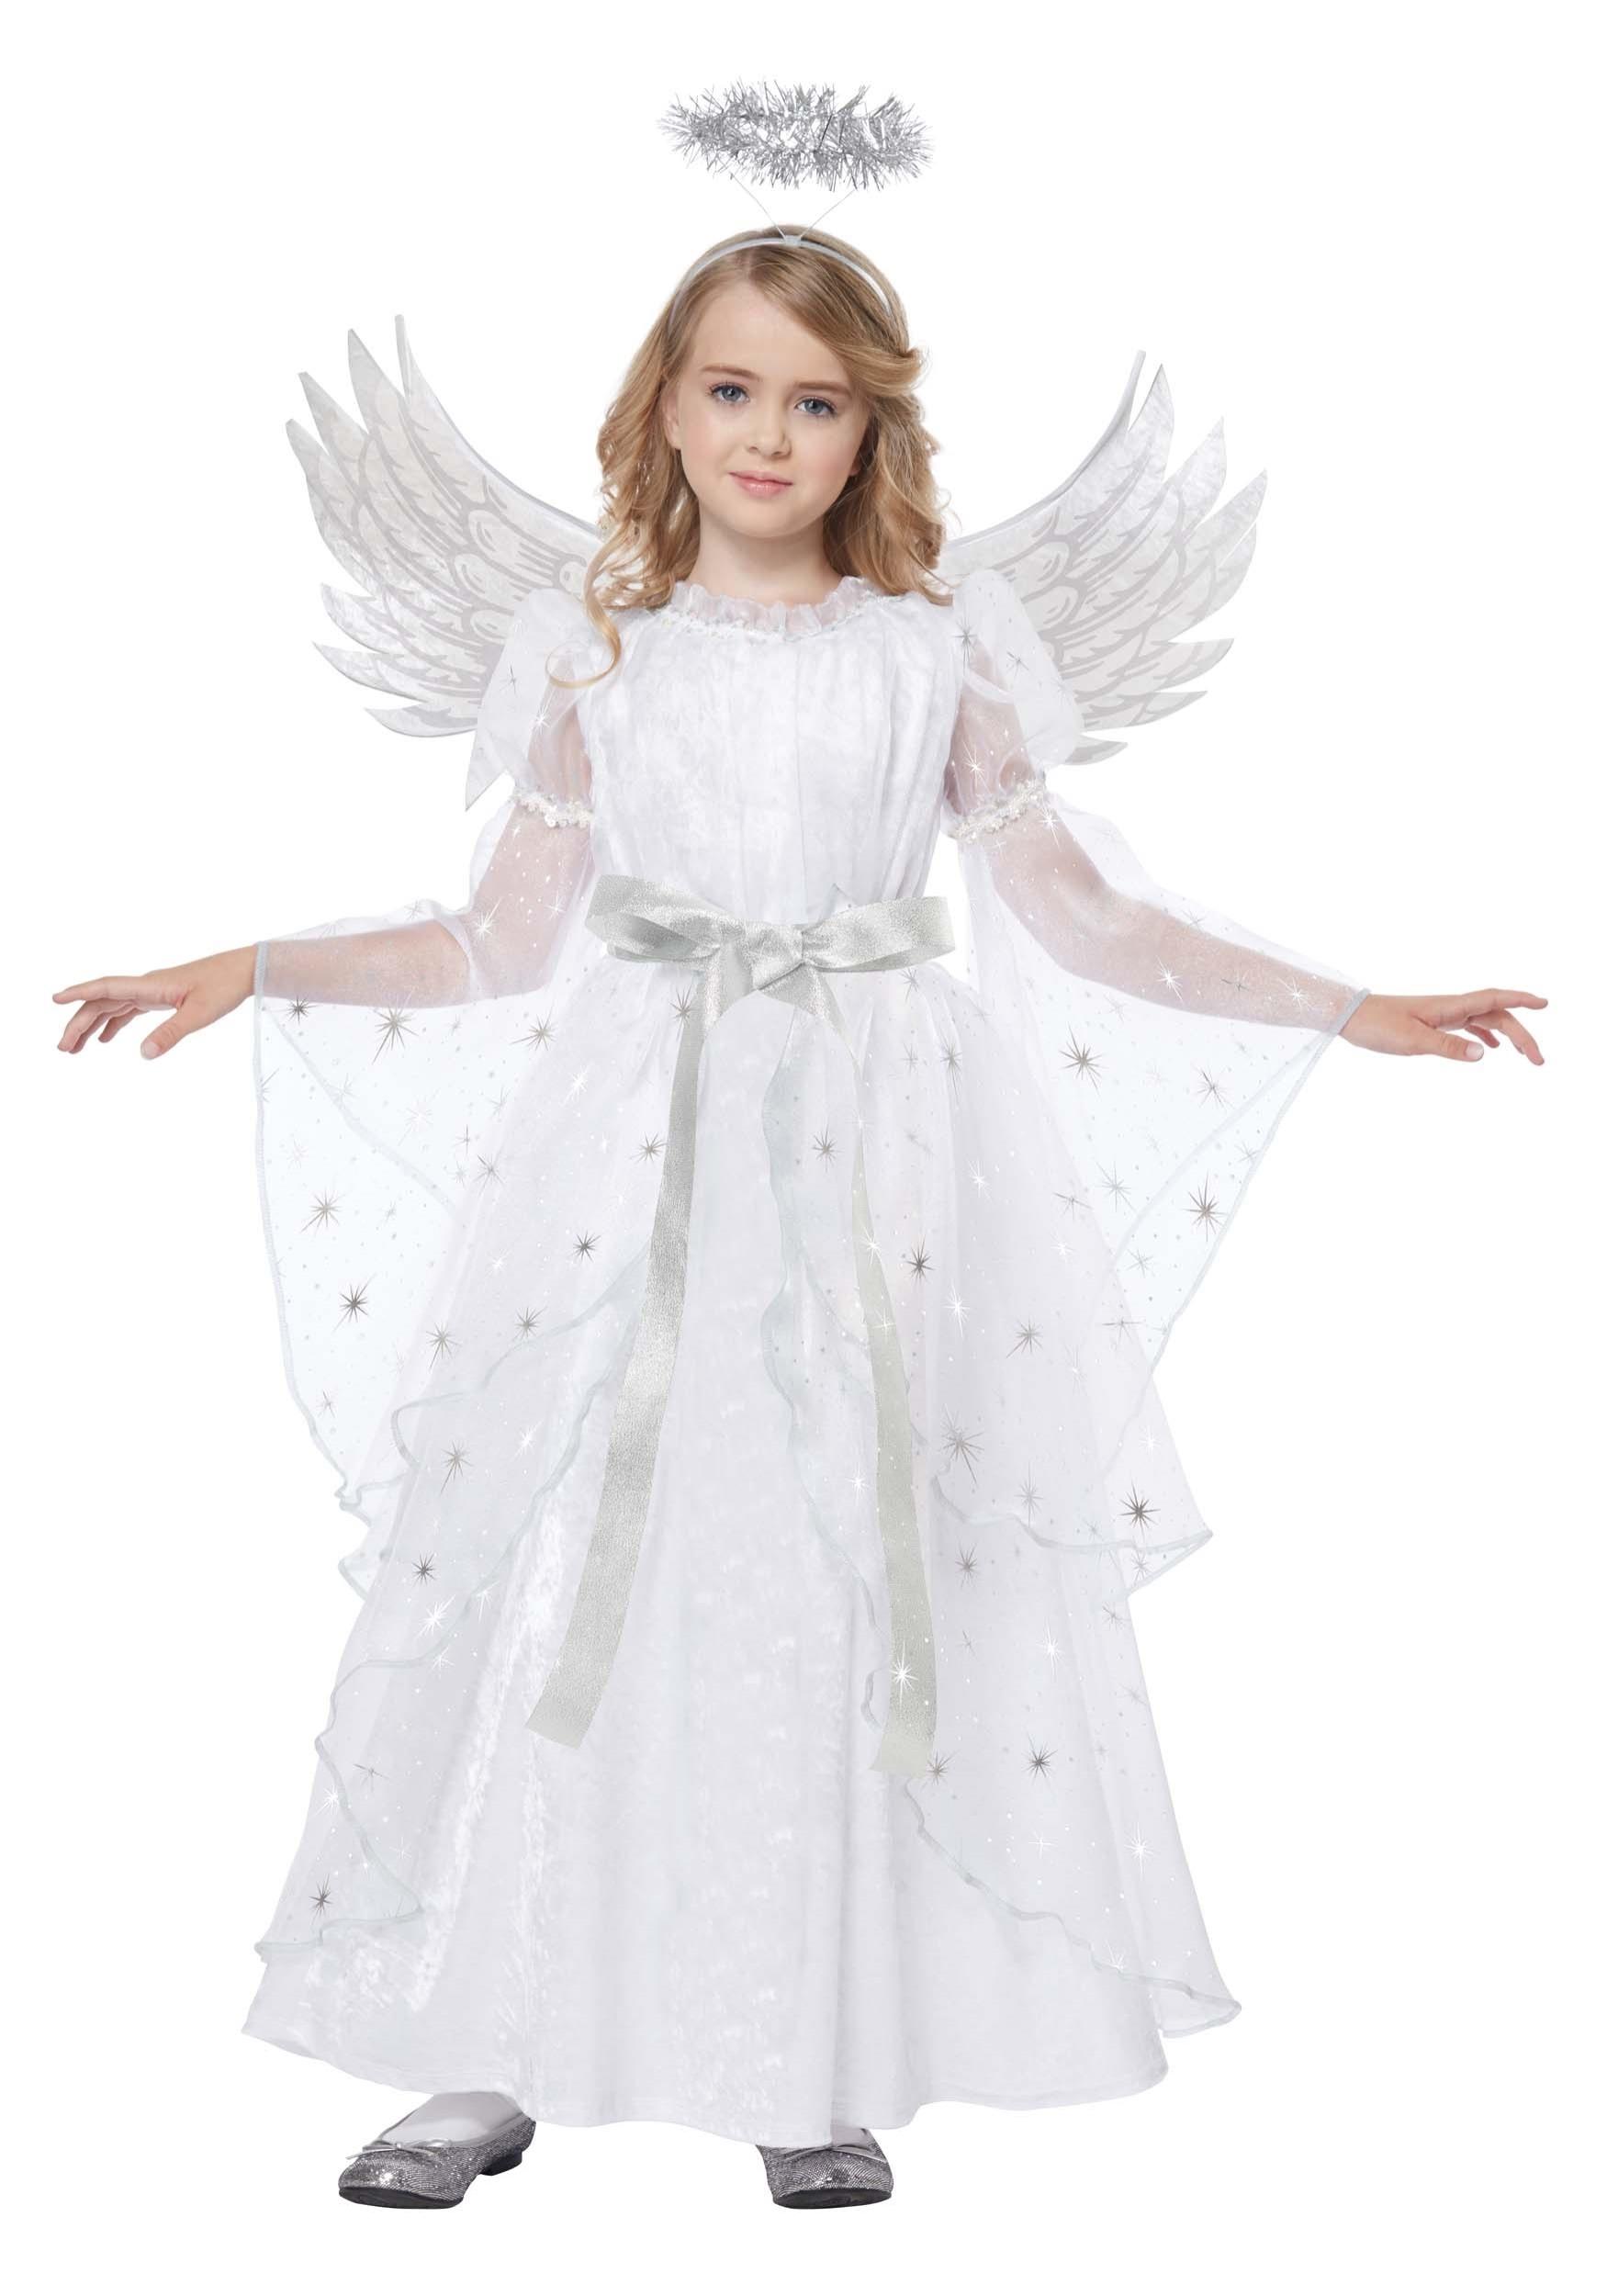 d01f94e89 Disfraz de ángel de luz de estrellas para niñas